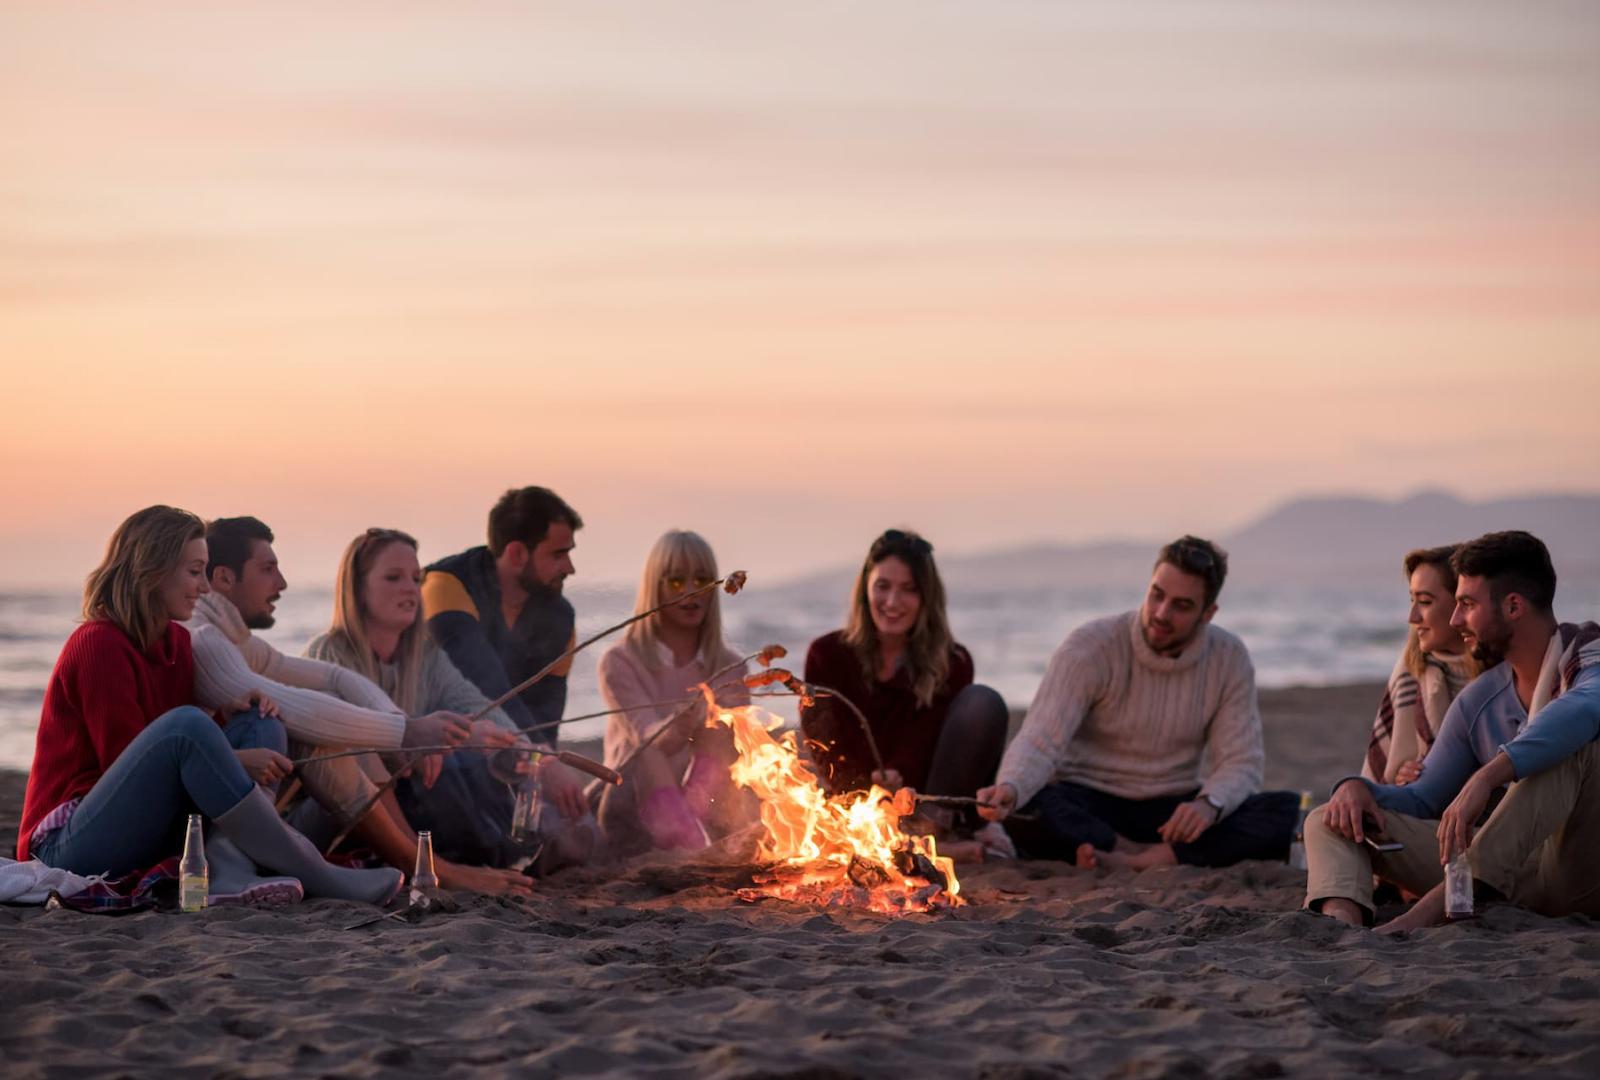 Bonfire at Dockweiler Beach